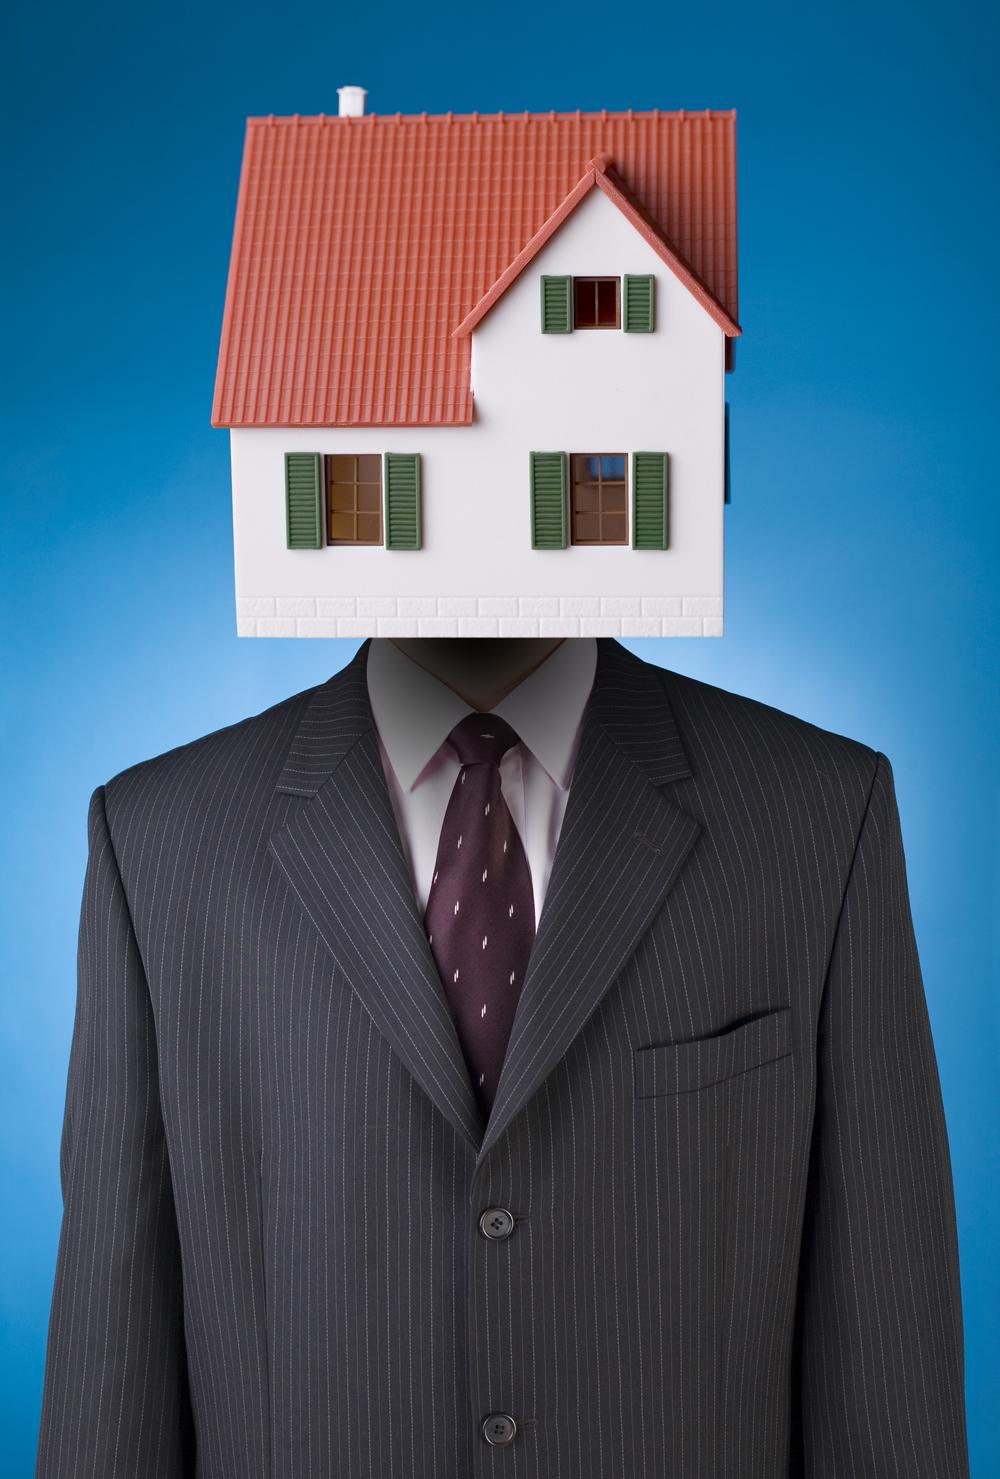 Les agents immobiliers face un march incertain l for Les agents immobiliers